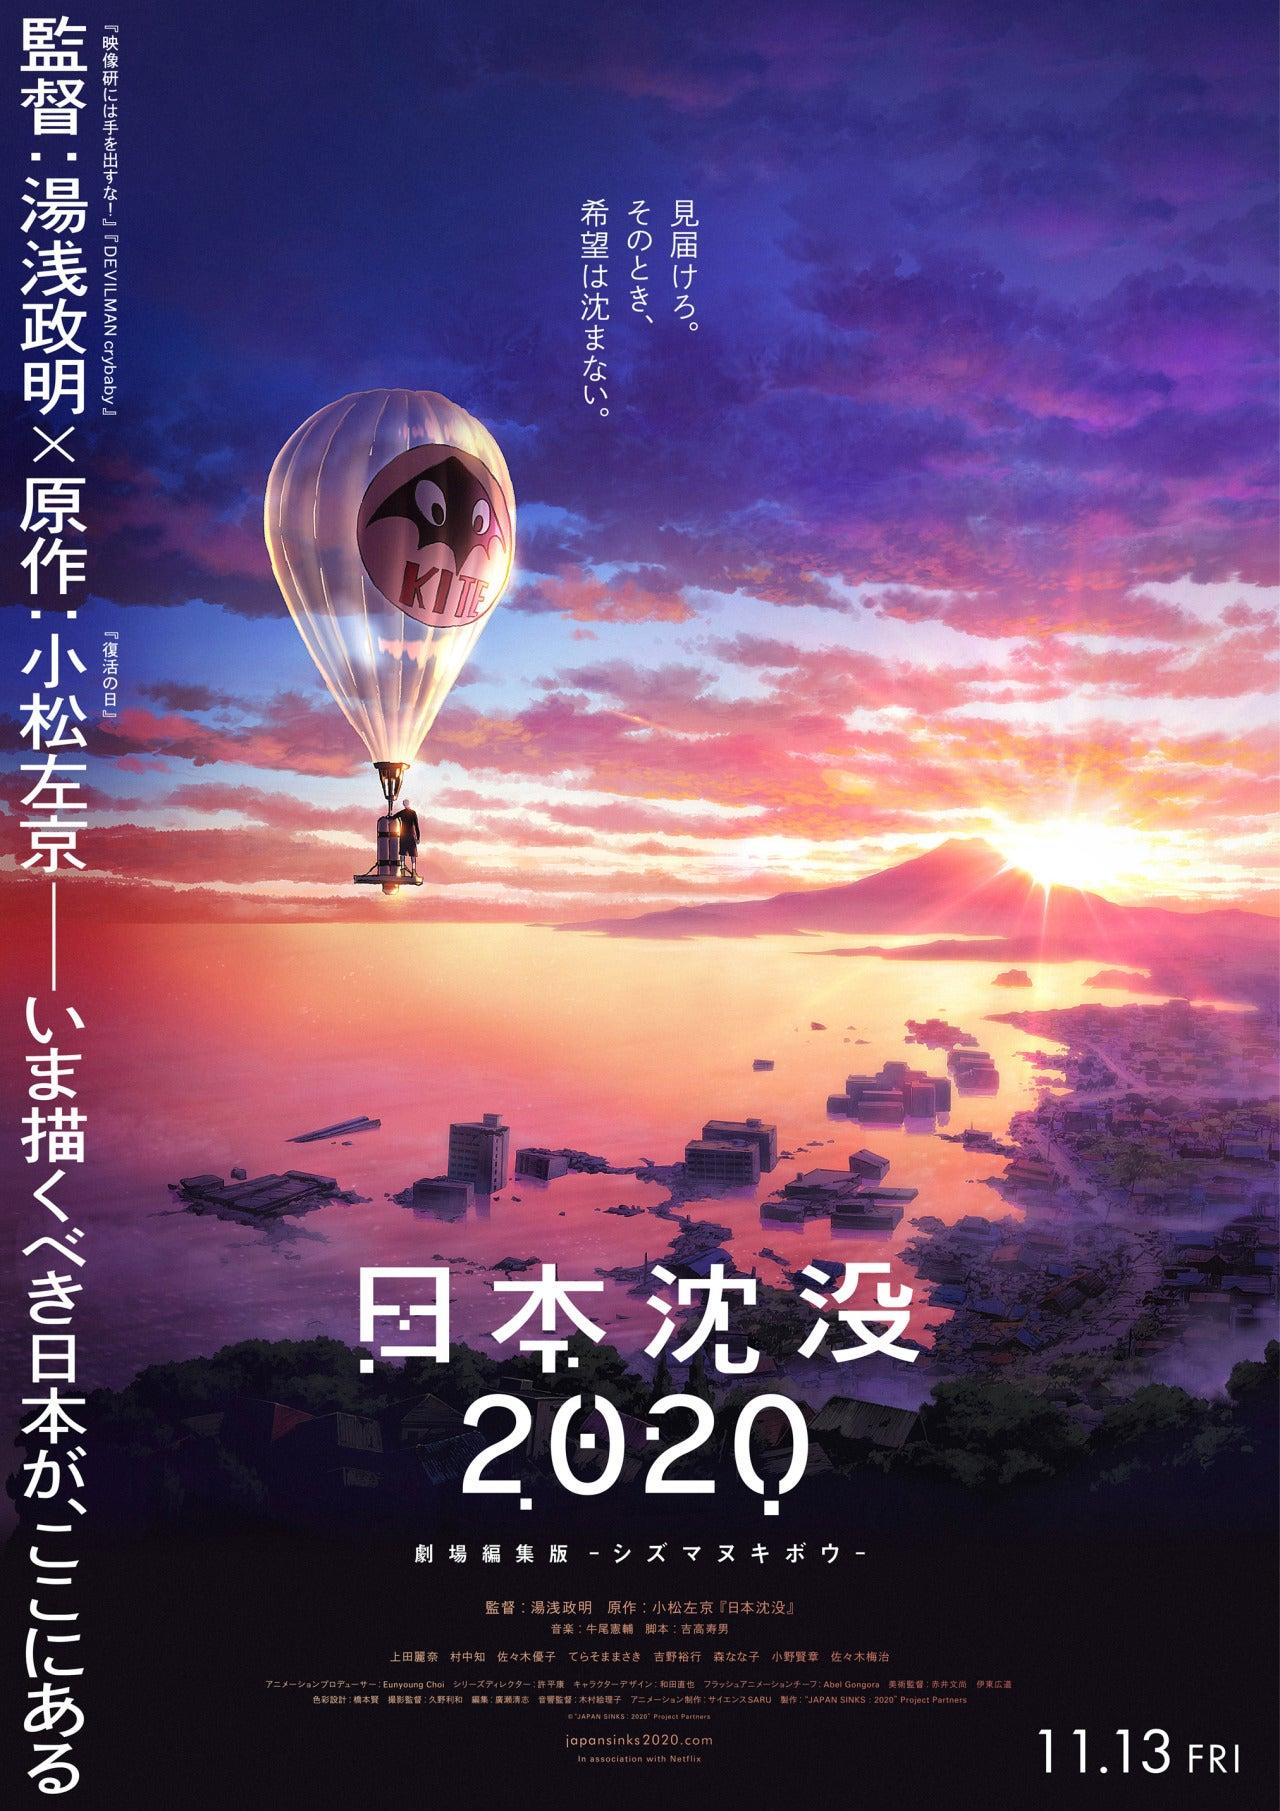 日本 沈没 2020 日本沈没2020 Netflix (ネットフリックス)